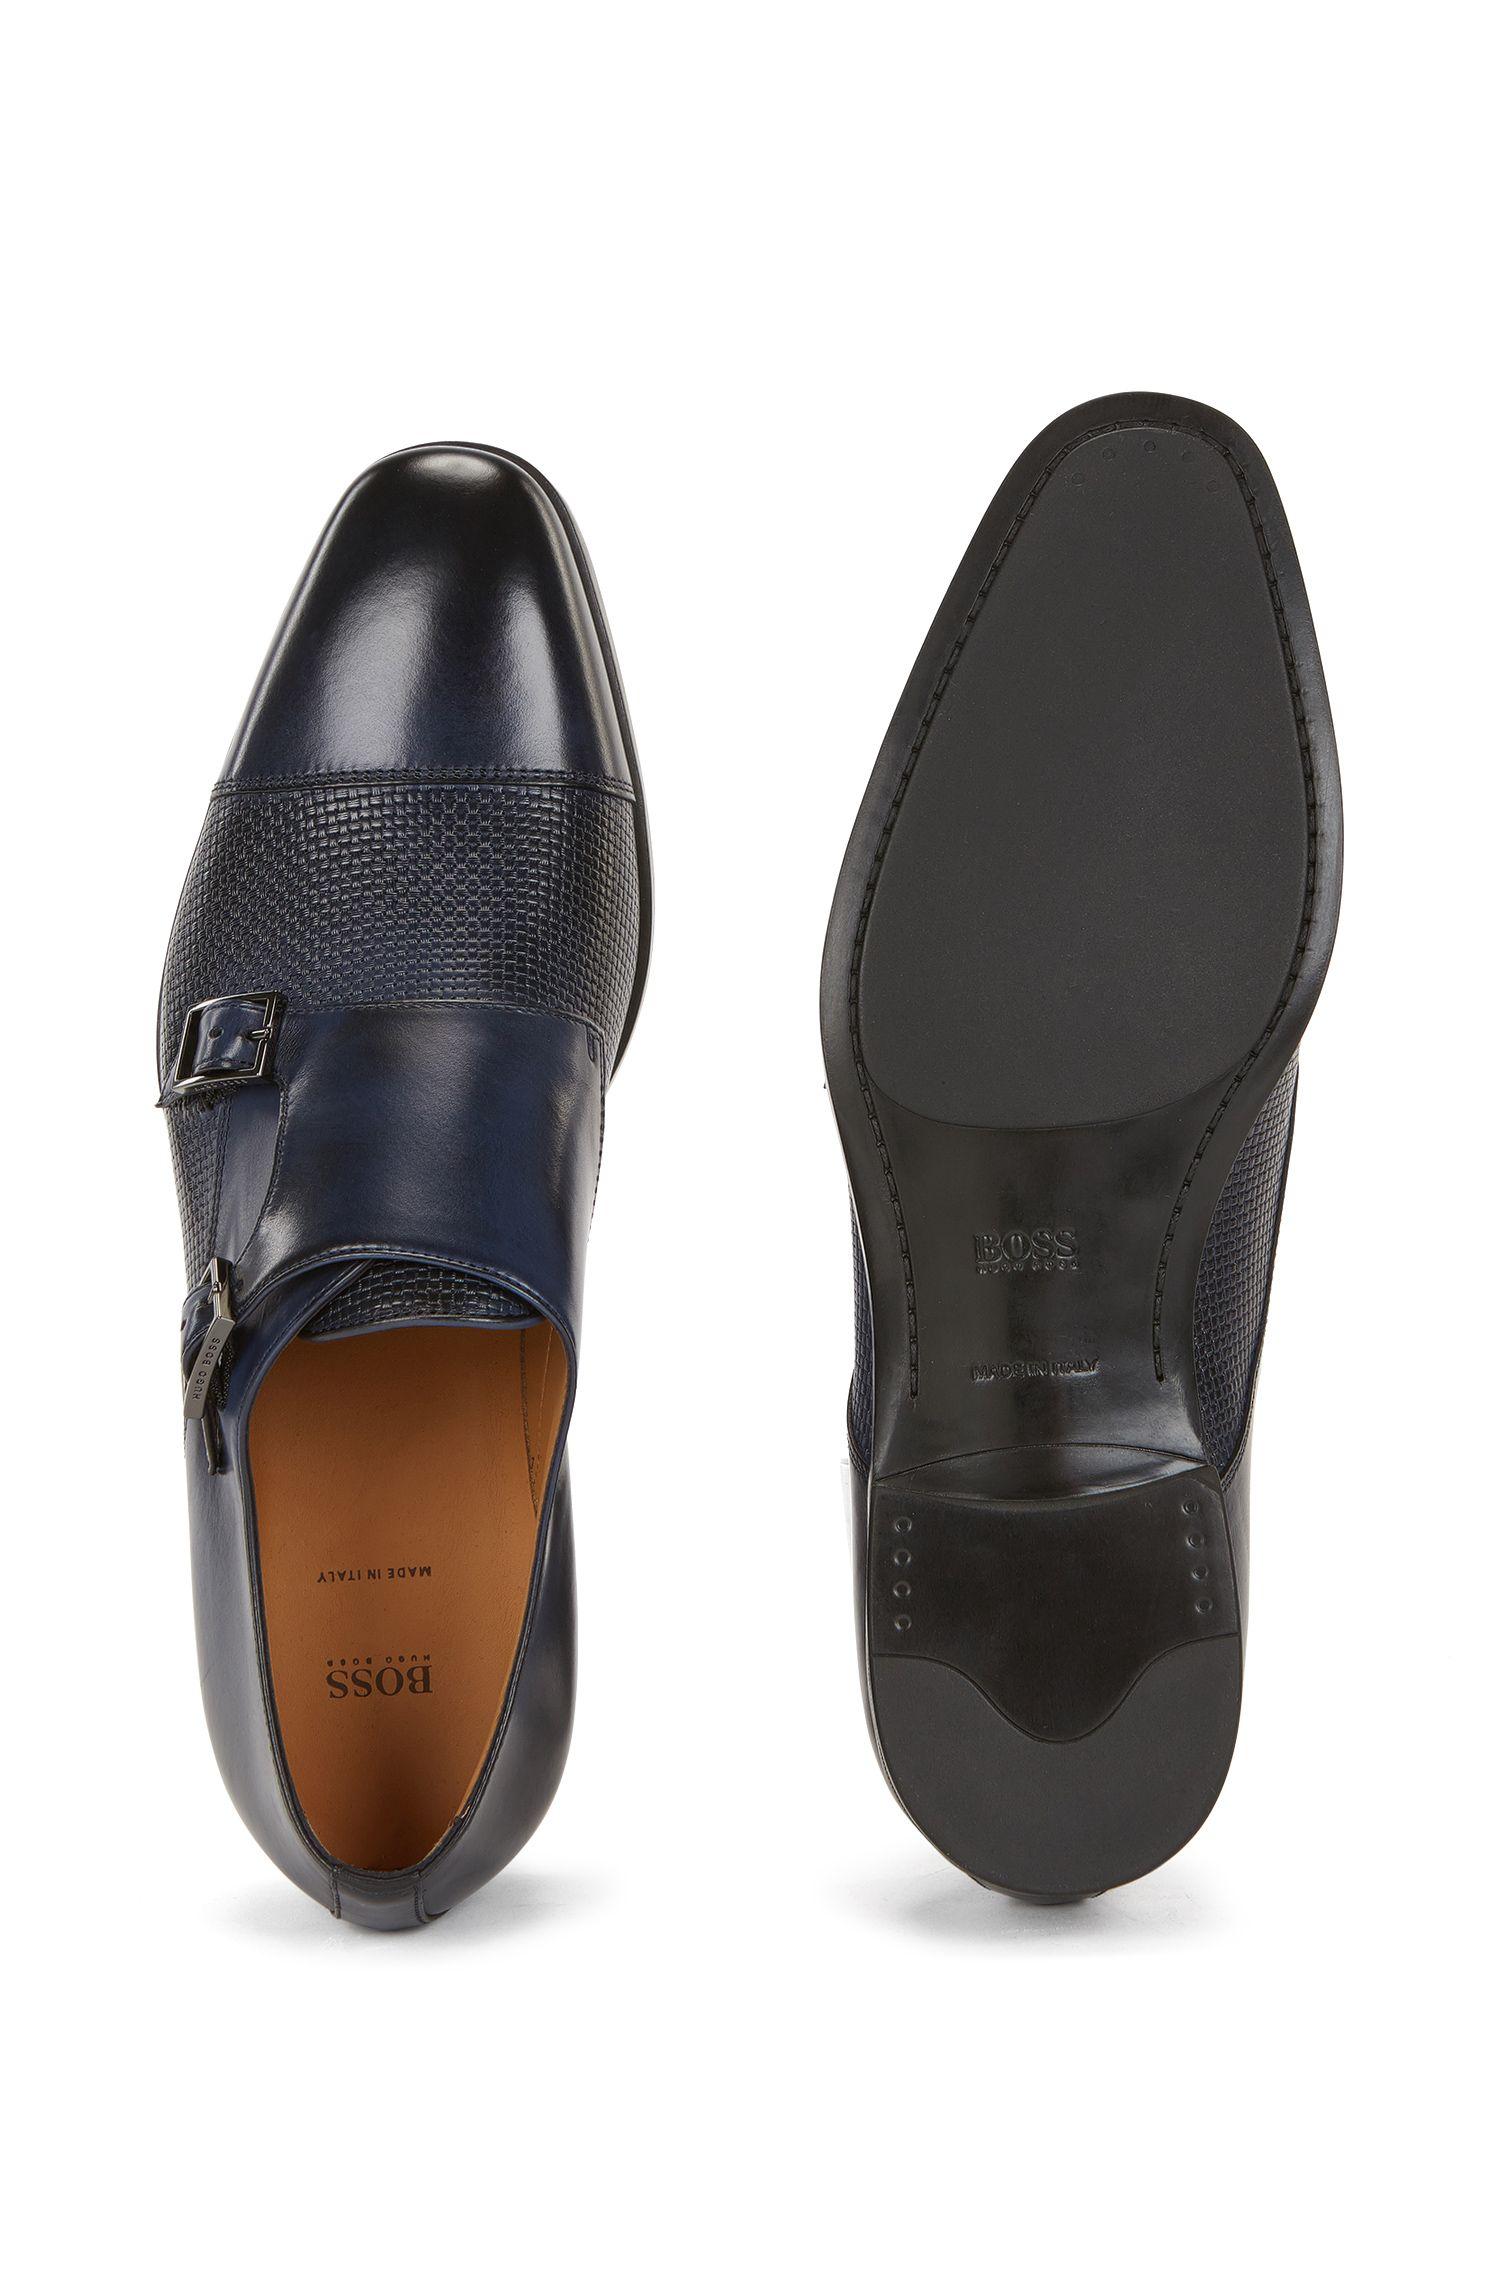 Zapatos de doble hebilla en piel lisa y grabada